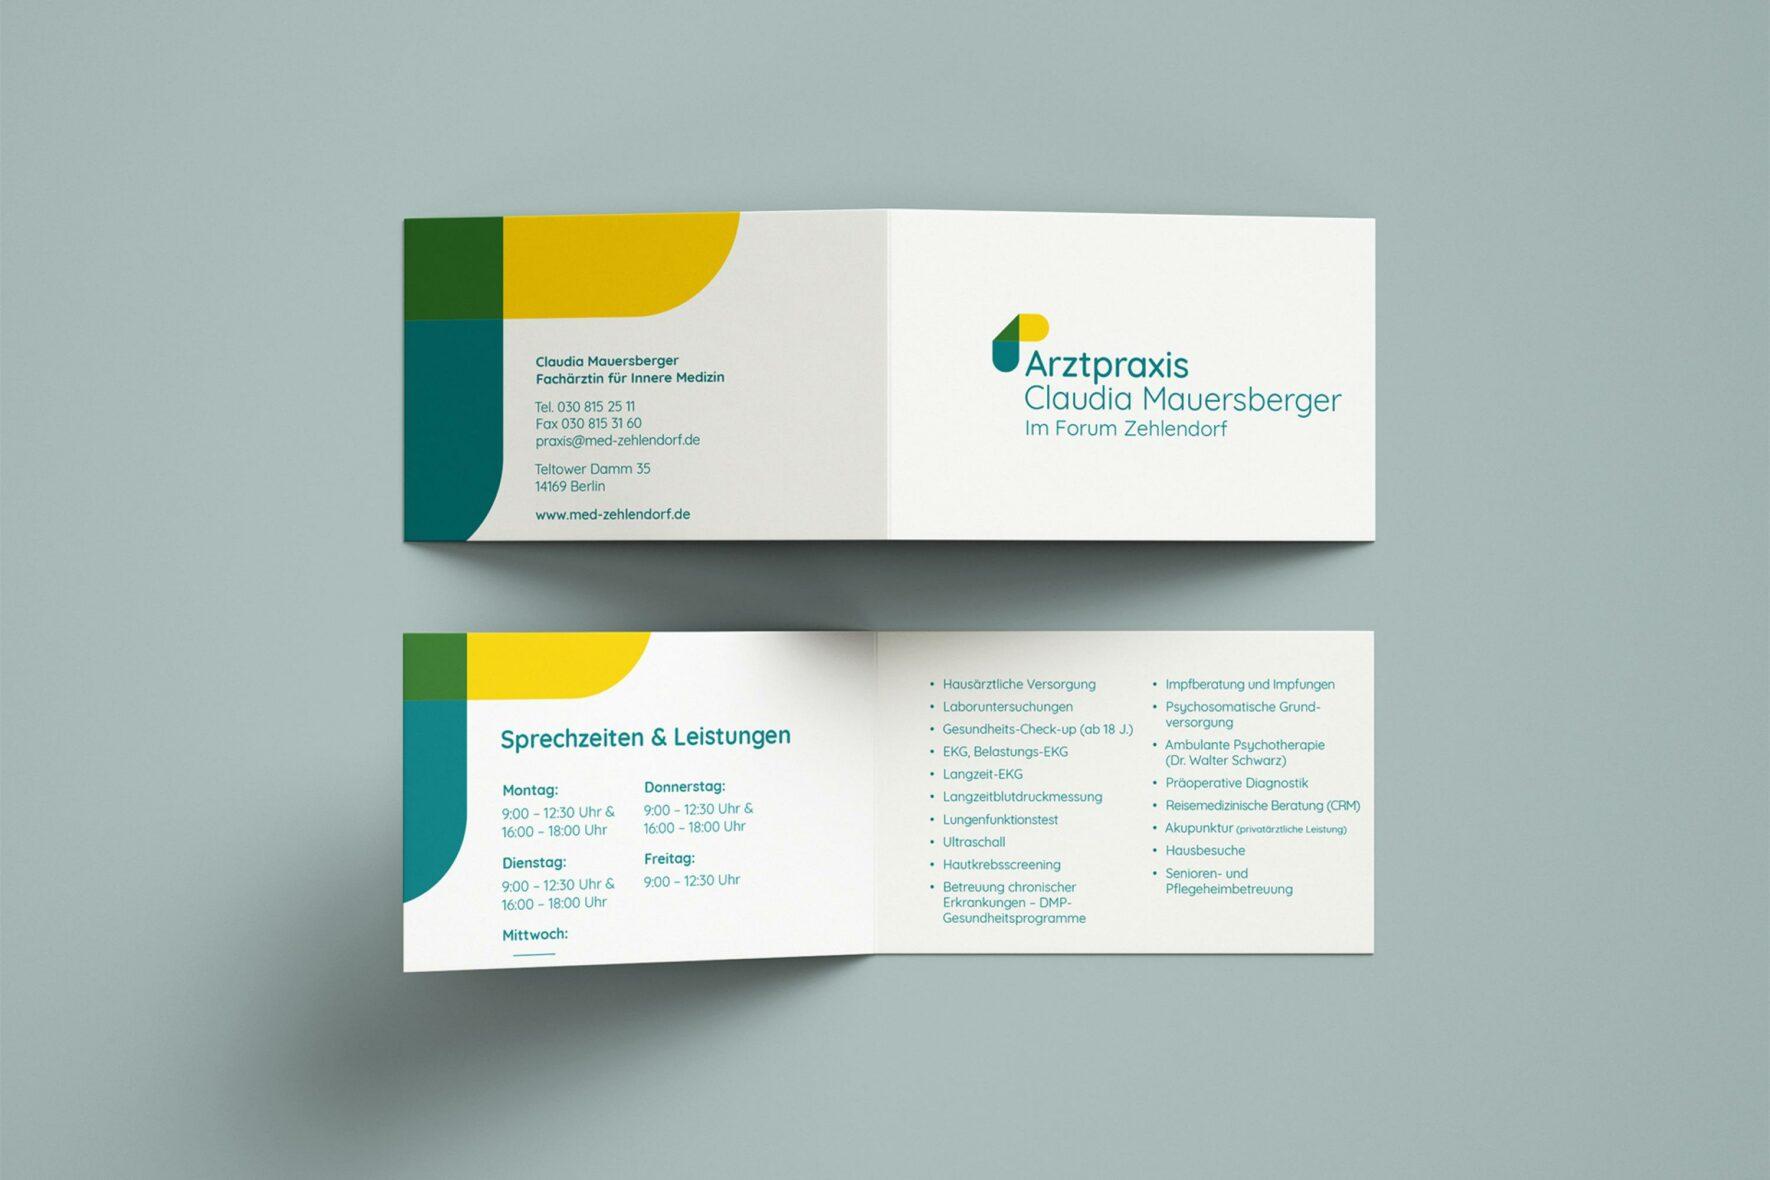 Praxis-Claudia-Mauersberger-Corporate-Design-Print-Geschaeftsausstattung-Visitenkarten-FORMLOS-Berlin2